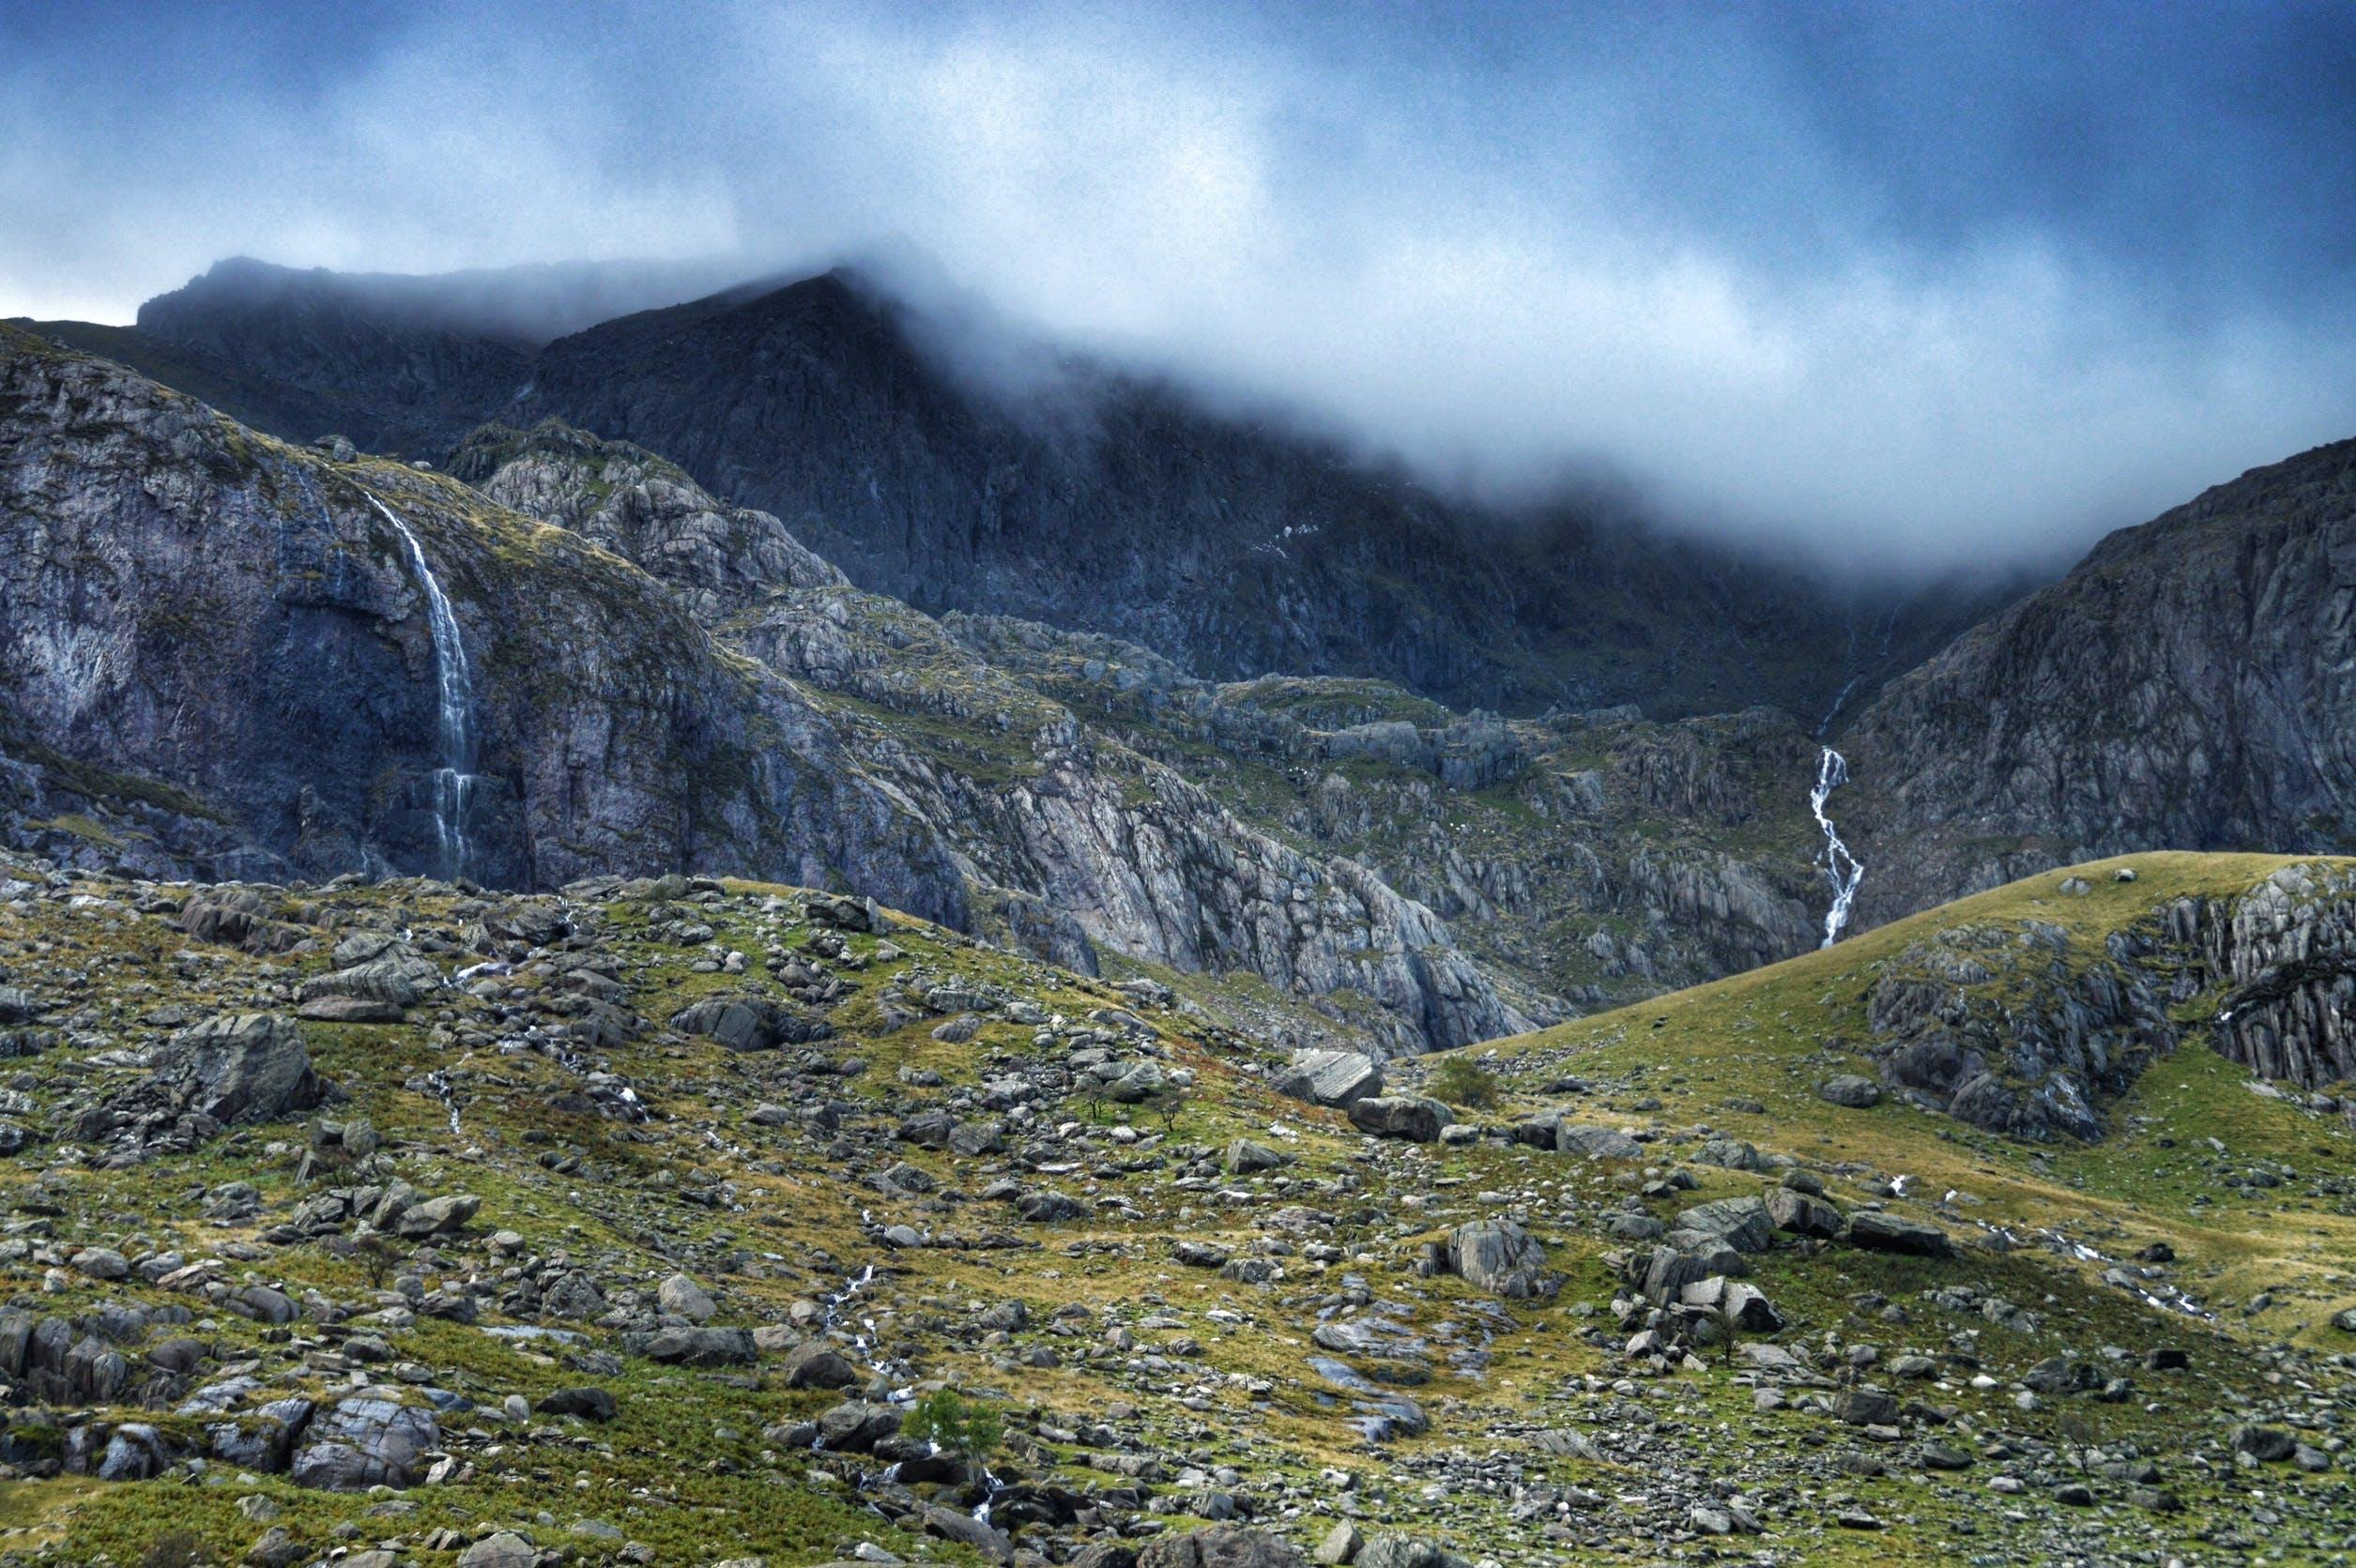 Fotos de stock gratuitas de colina, montaña, montañas, naturaleza